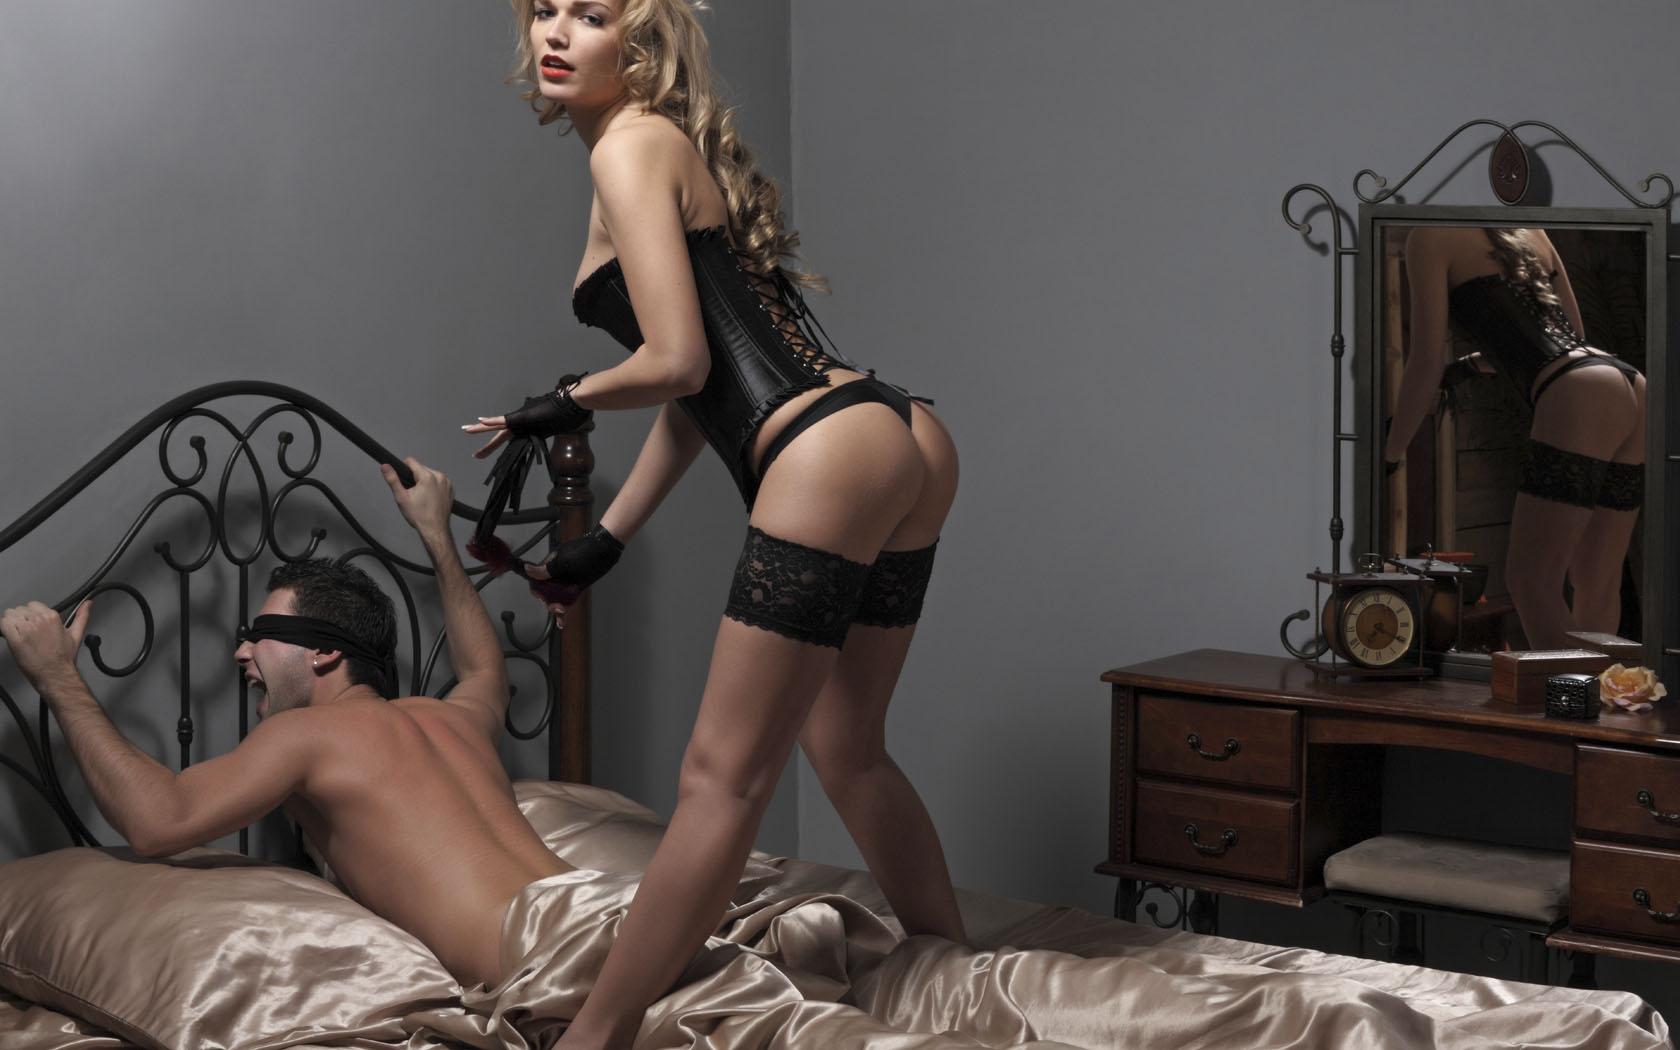 Бдсм порно садо мазо над девушками фото 618-208